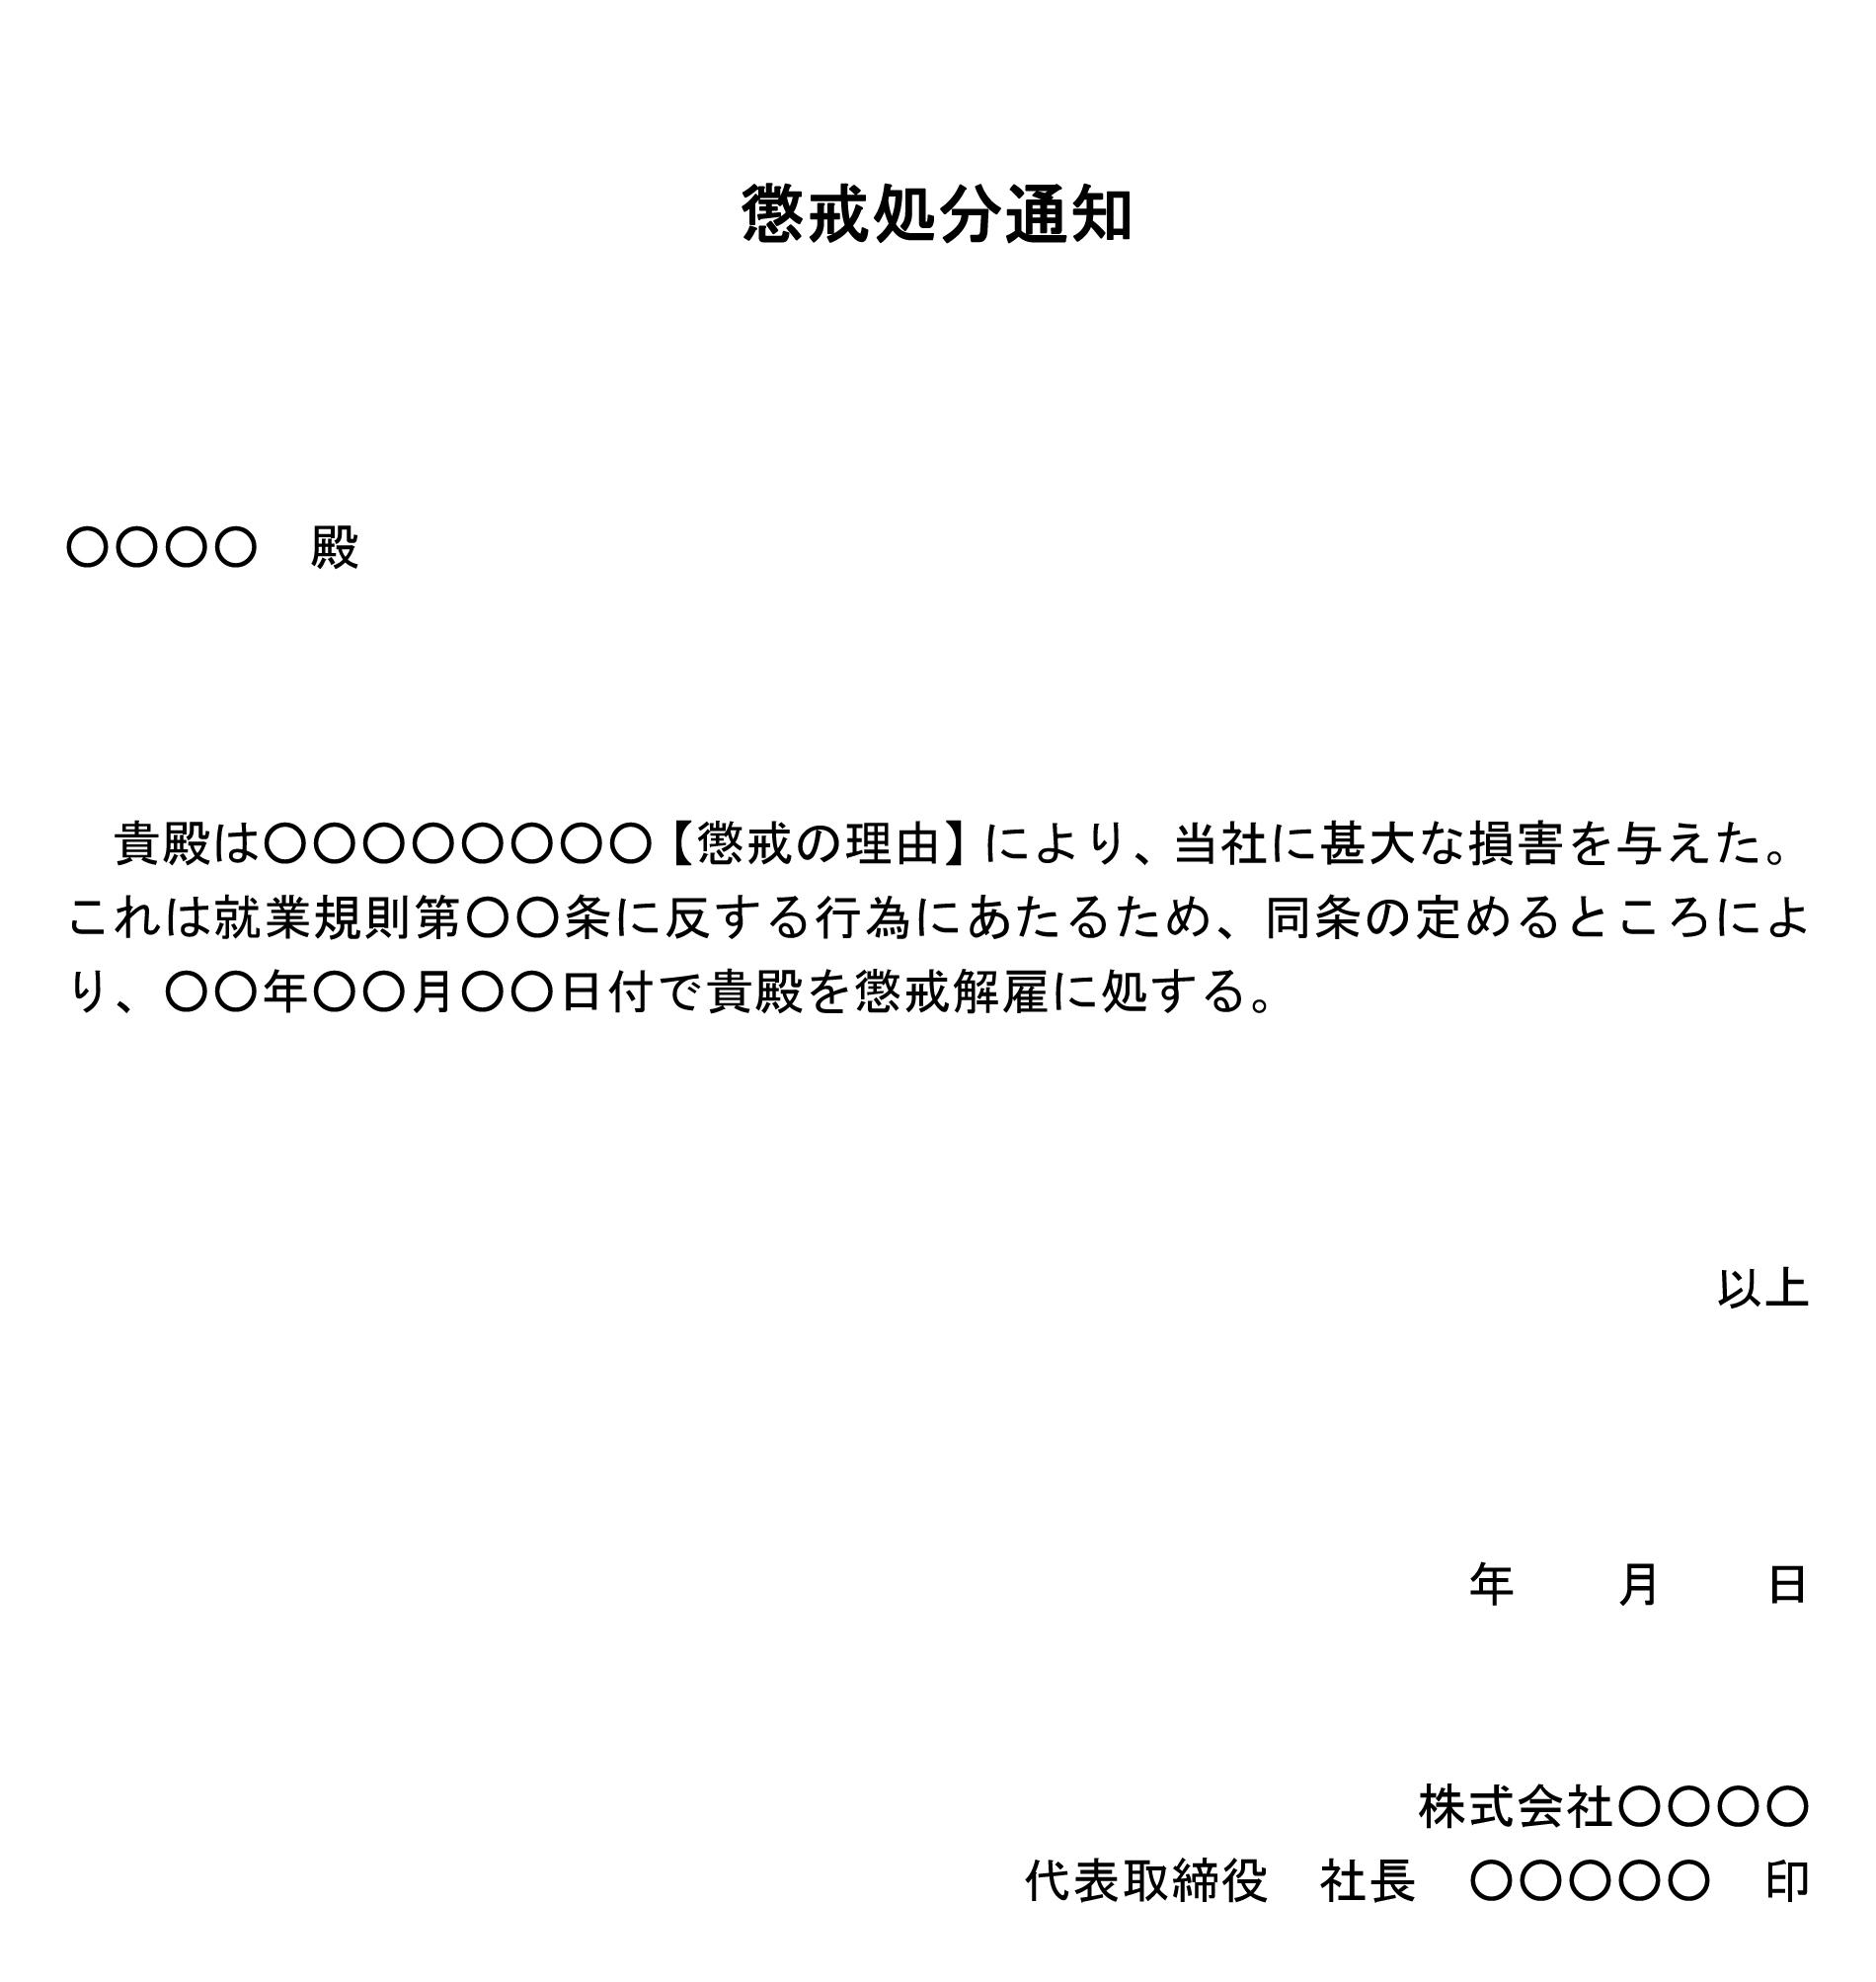 懲戒処分通知_3